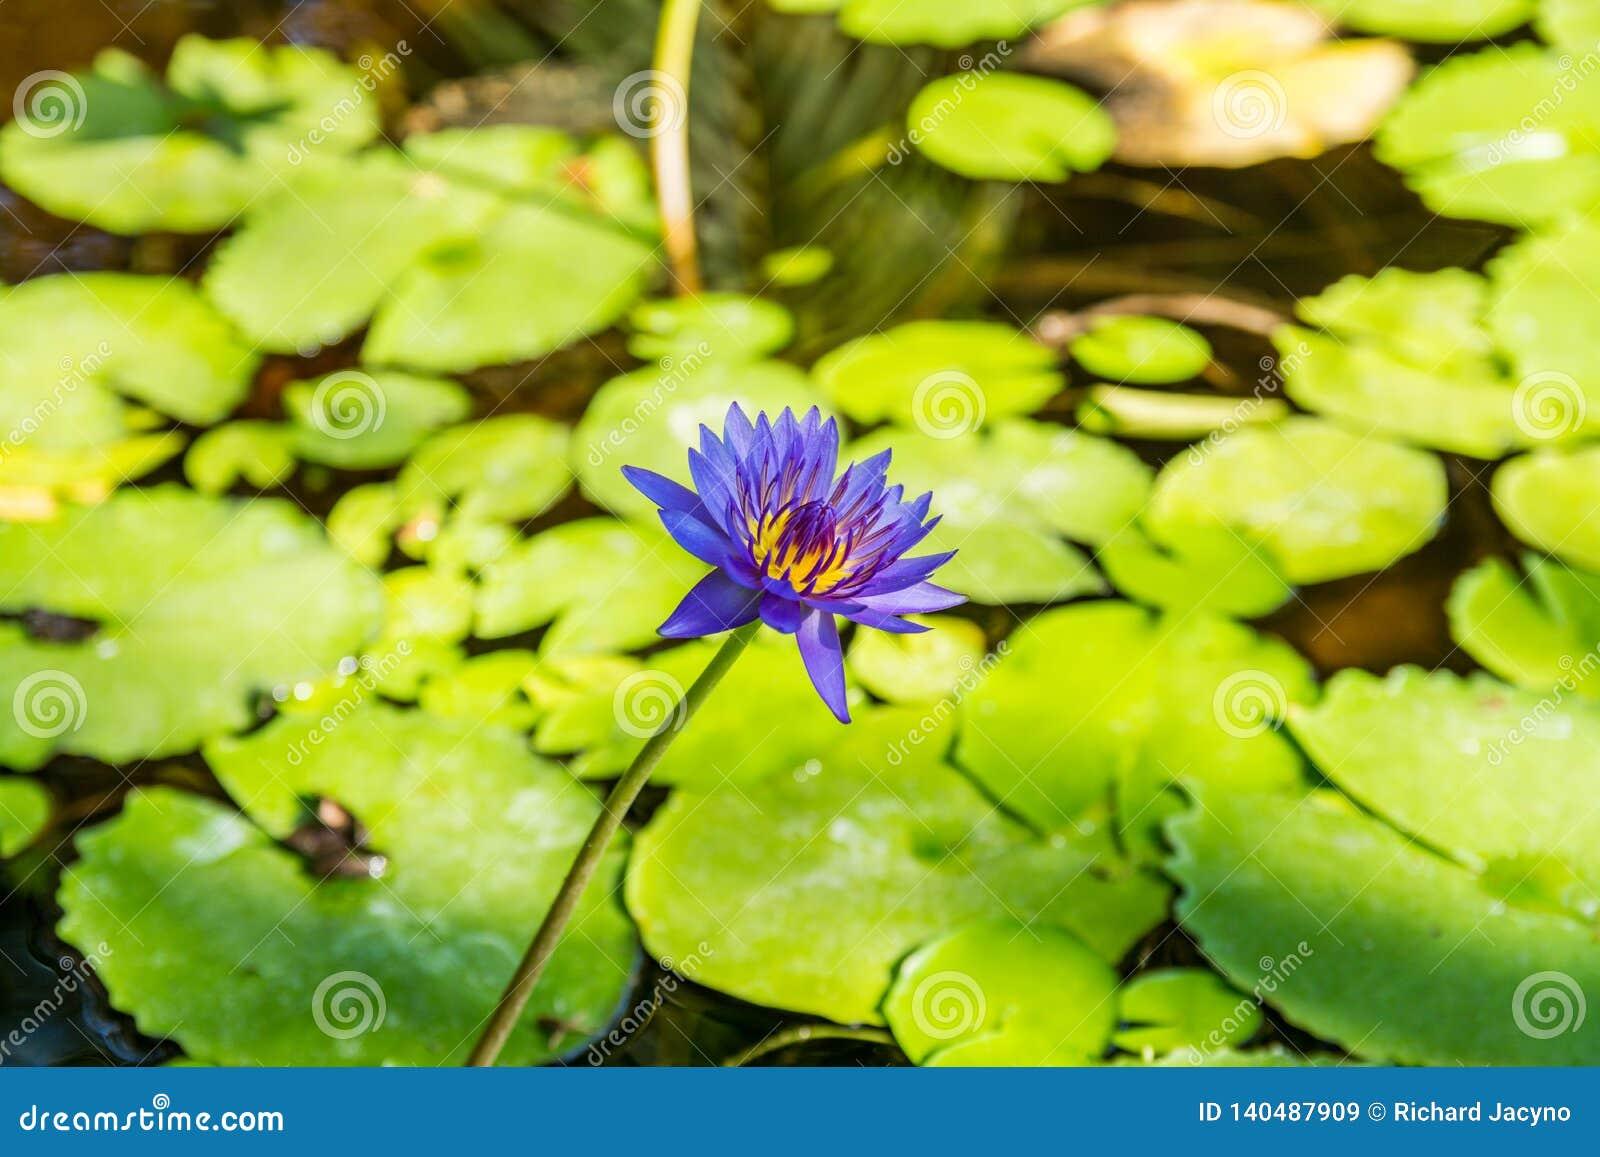 Wodne leluje prosperują w gorącym klimacie Broome zachodnia australia